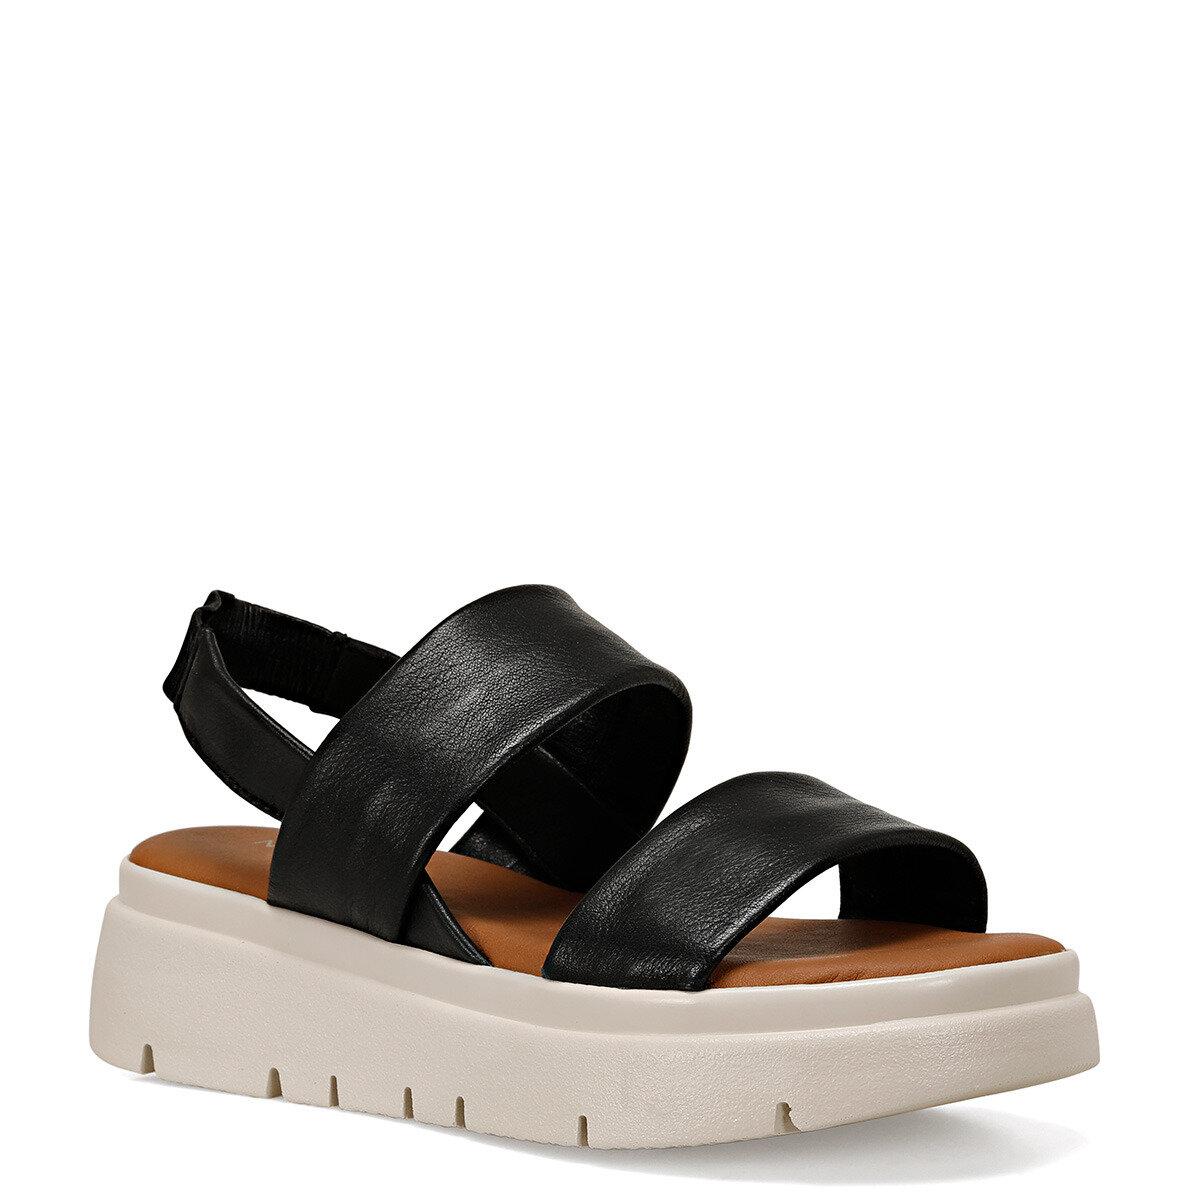 REMBRANDT Siyah Kadın Kalın Taban Sandalet